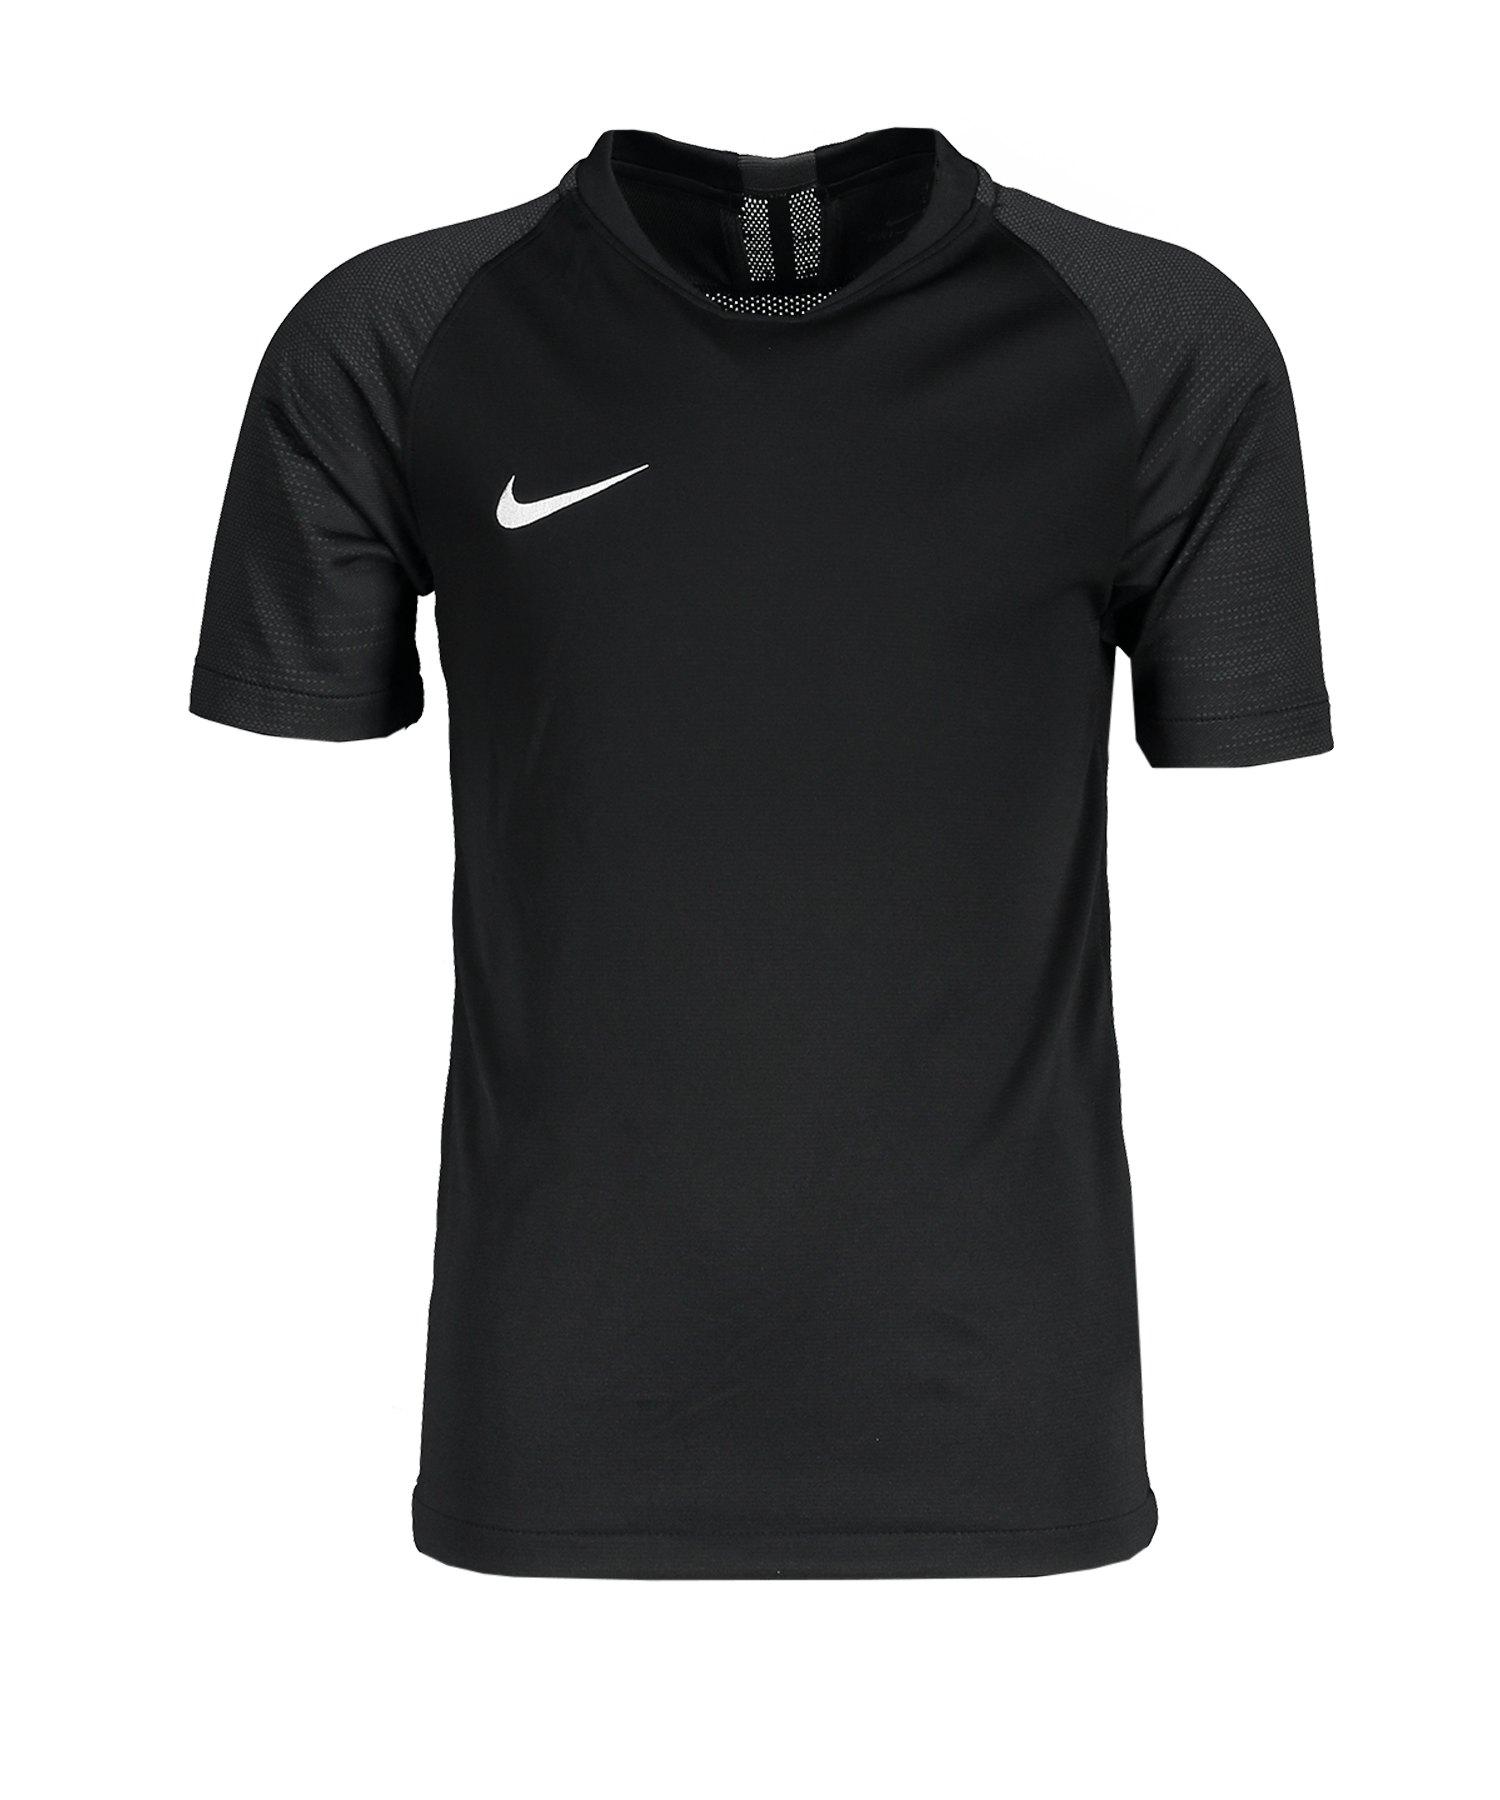 Nike Strike Trikot kurzarm Kids Schwarz Grau F010 - schwarz